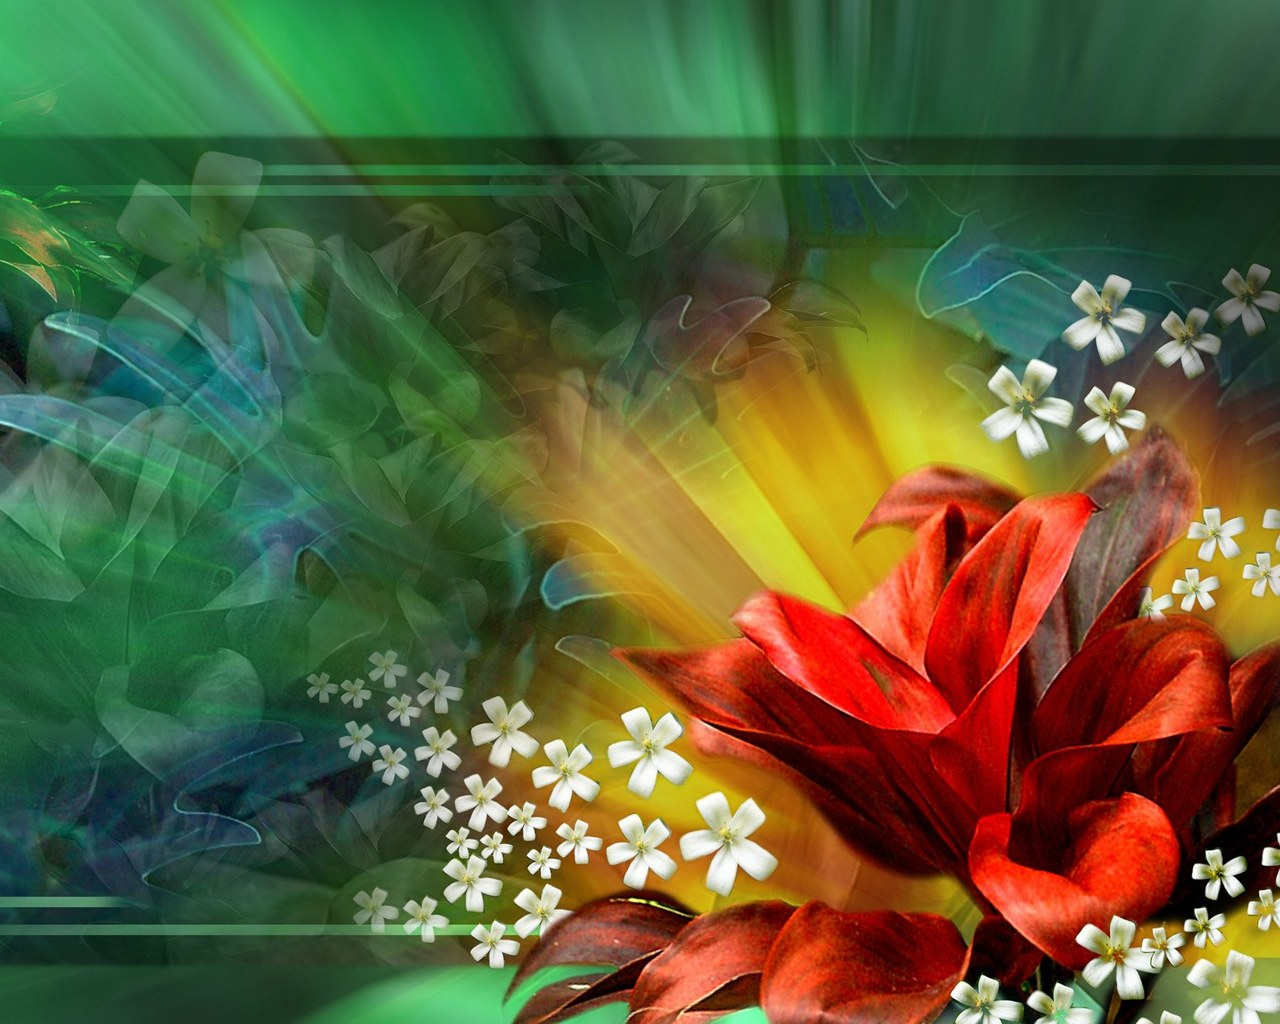 Abstract Design Flower Wallpaper